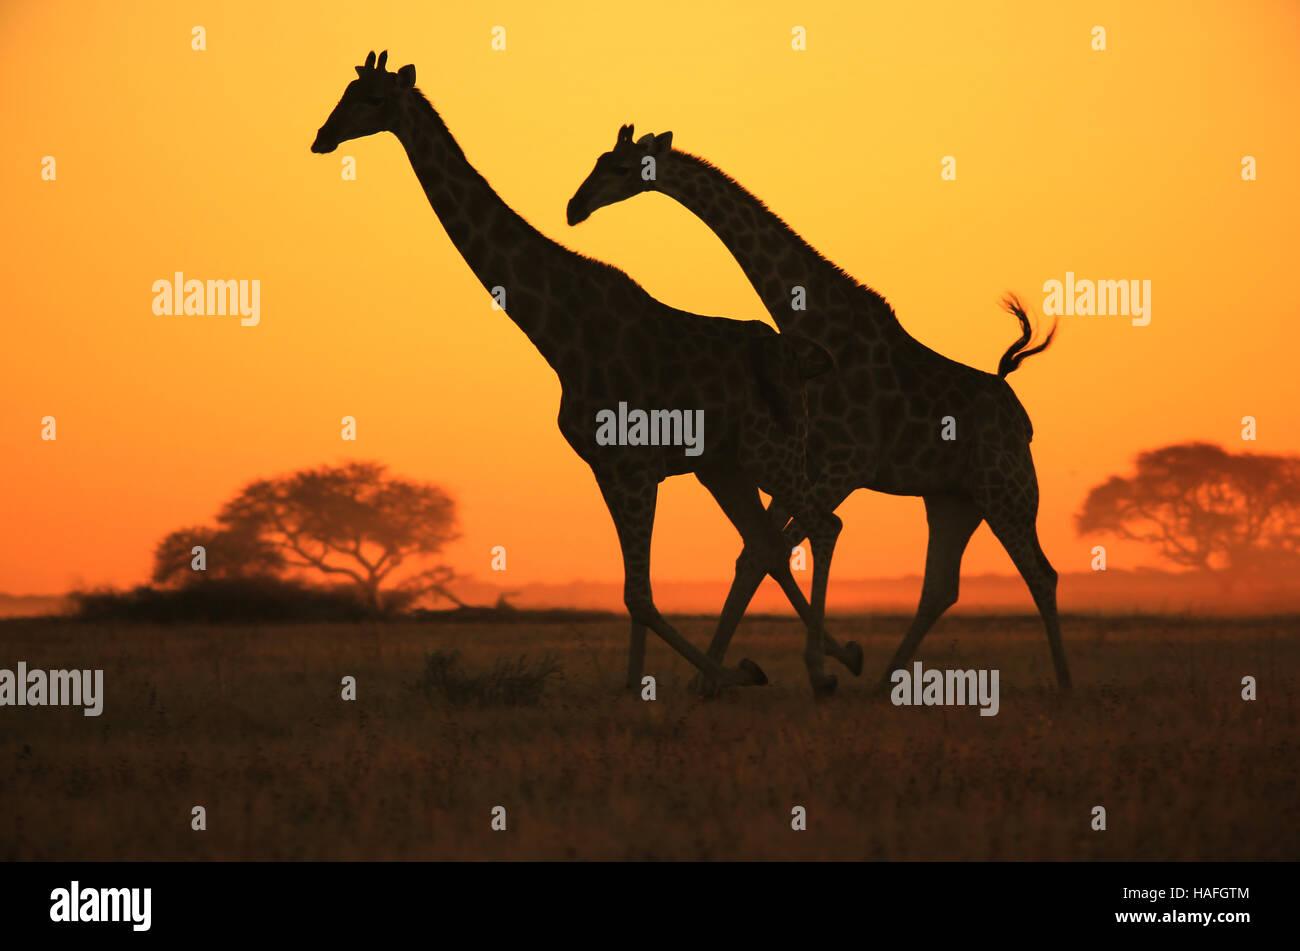 Giraffe Galopp - afrikanische Tierwelt Silhouette - Sonnenuntergang Wunder in der Natur Stockfoto